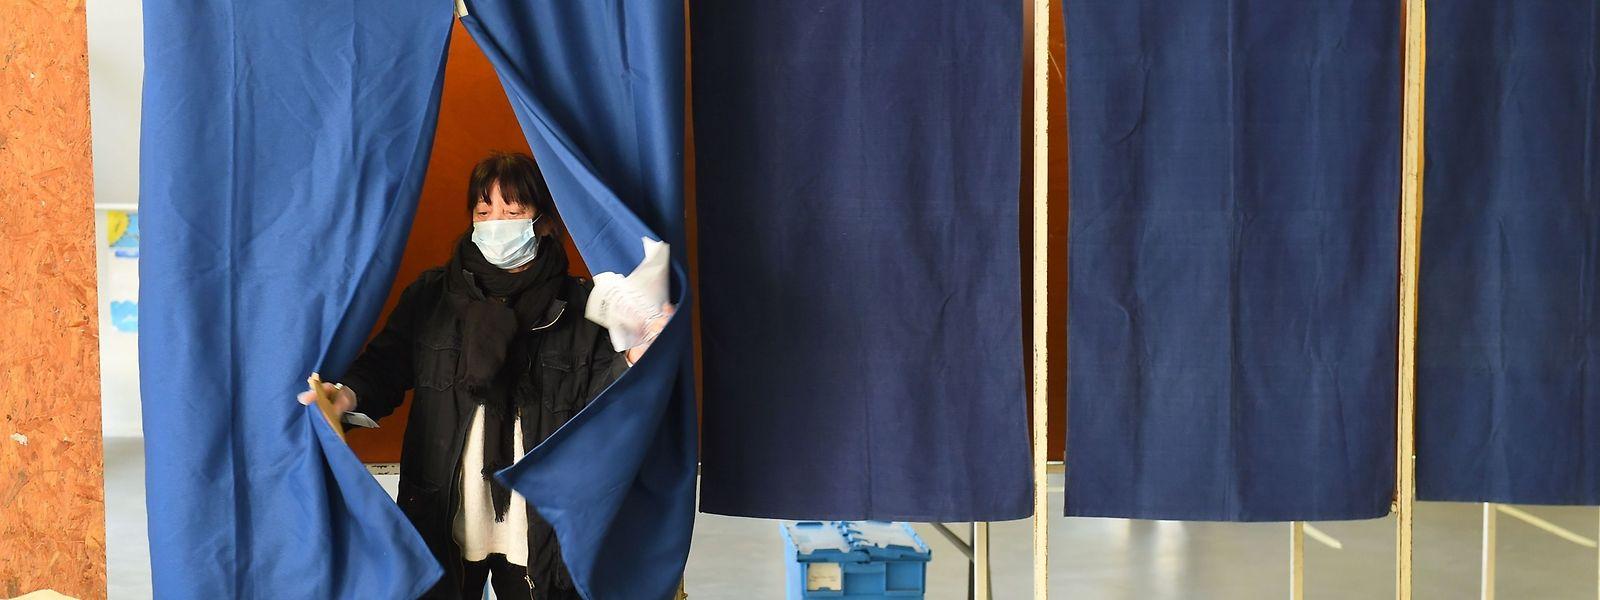 Chaque électeur est invité à venir avec ses propres bulletins de vote et son stylo, pour éviter toute propagation de covid-19.